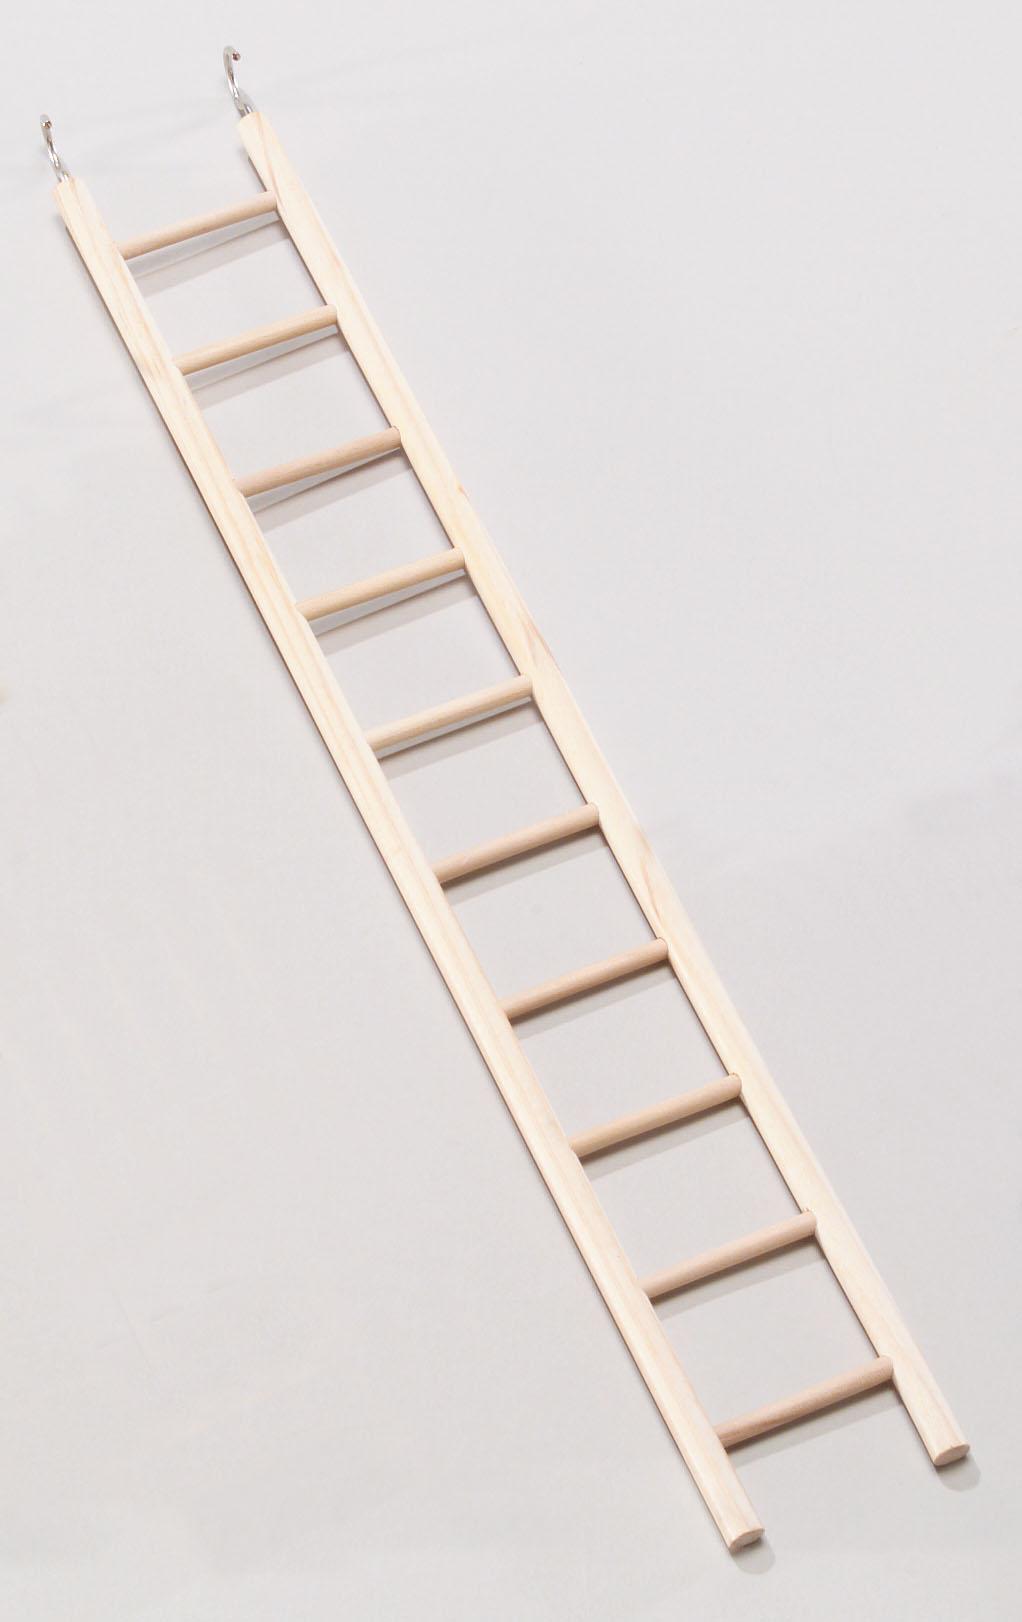 Escalera madera free images at vector clip - Fotos de escaleras de madera ...